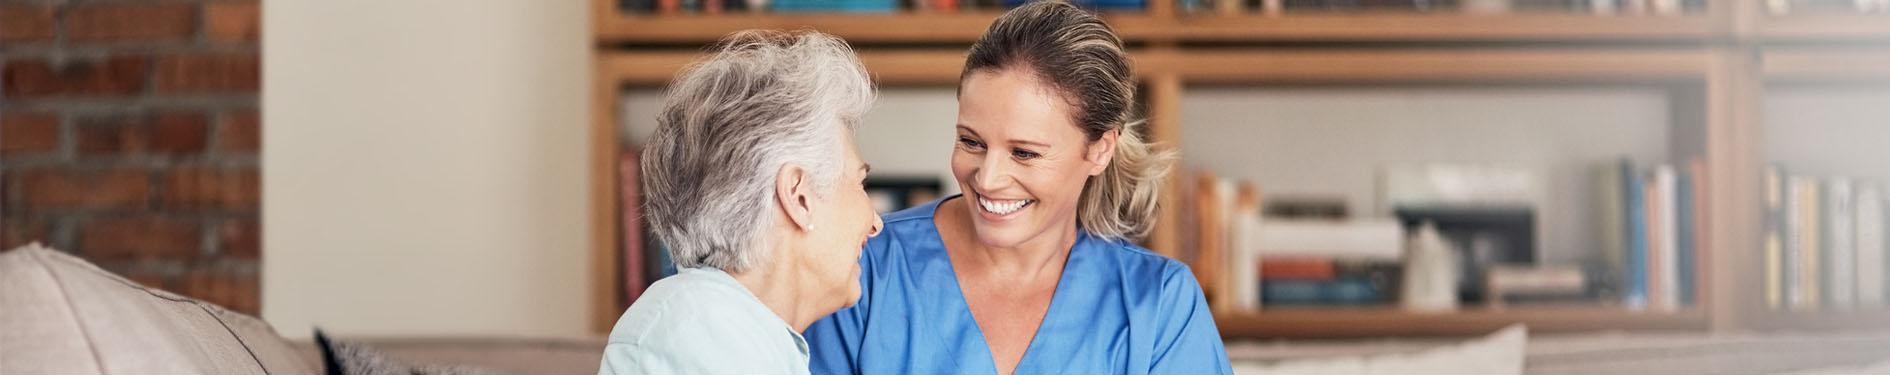 pielęgniarka z pacjentem, rozmowa